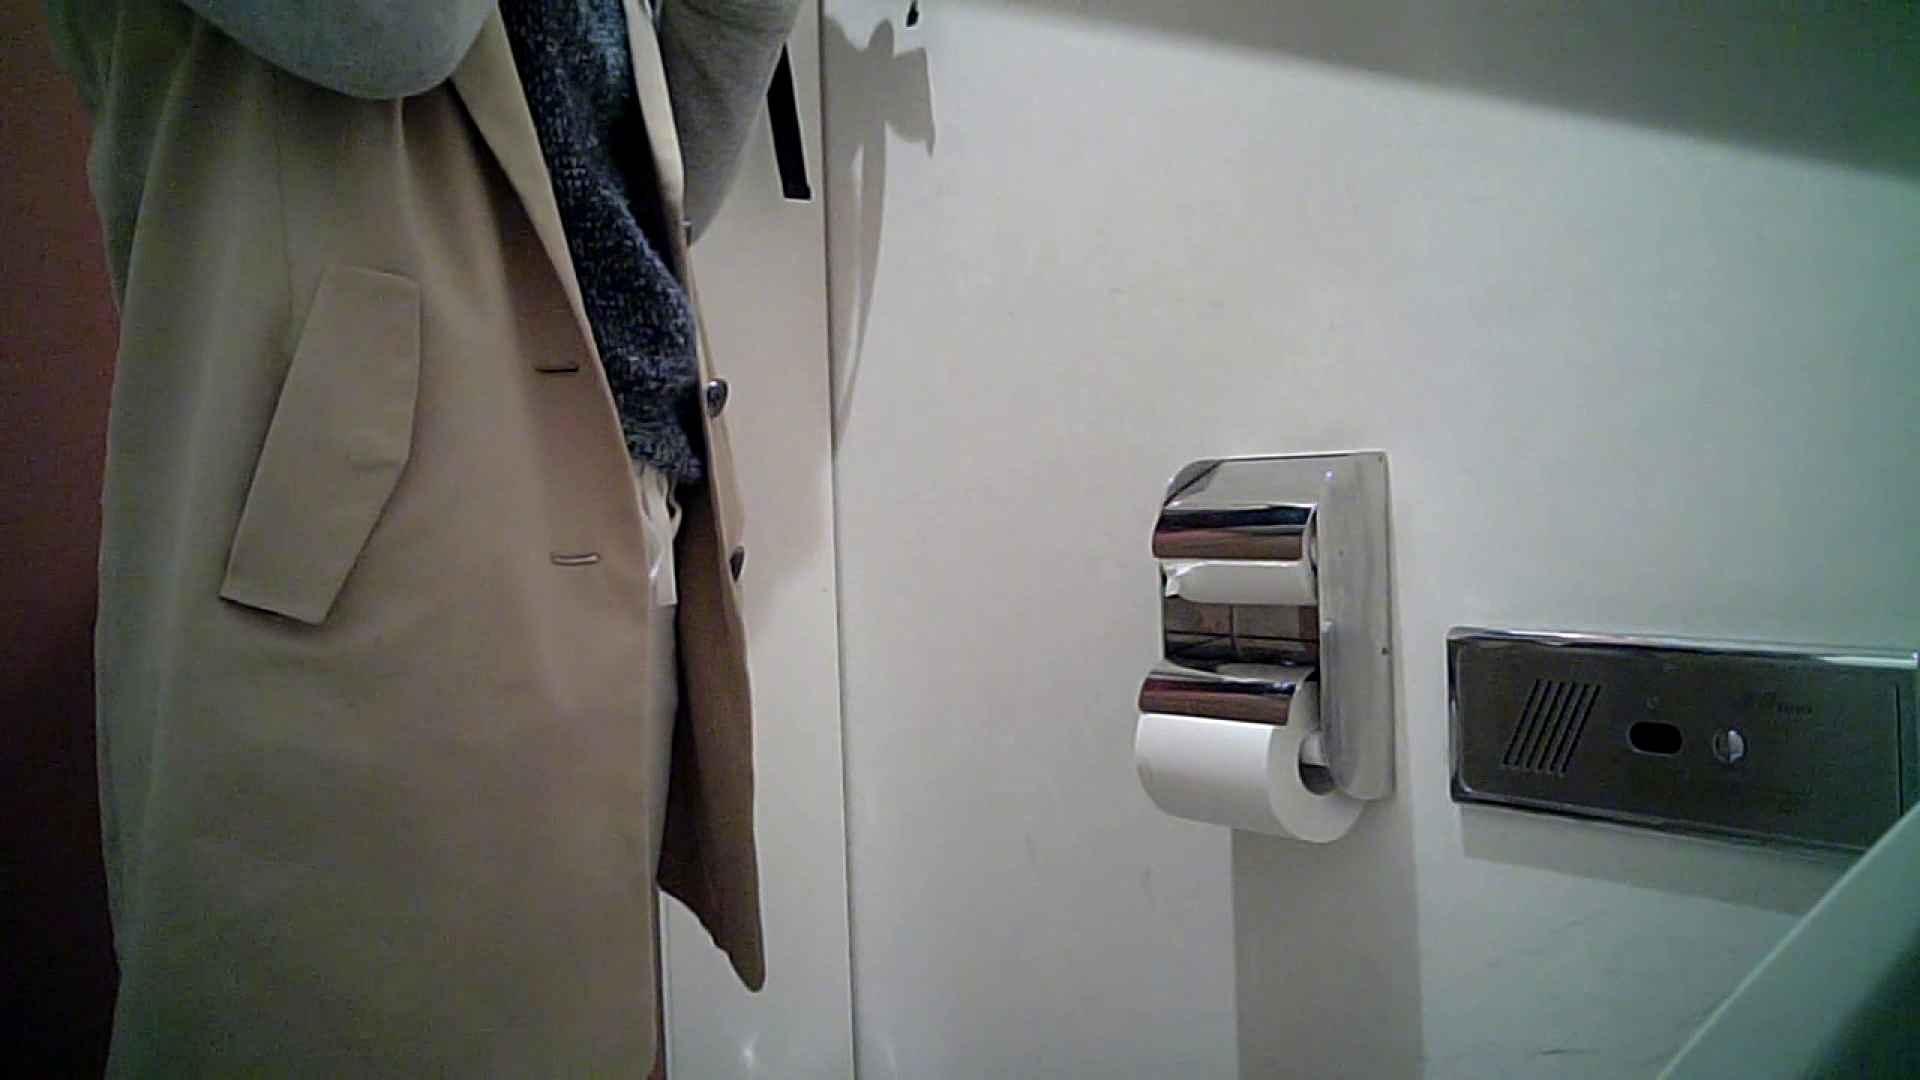 某有名大学女性洗面所 vol.26 和式 盗撮 107PIX 77